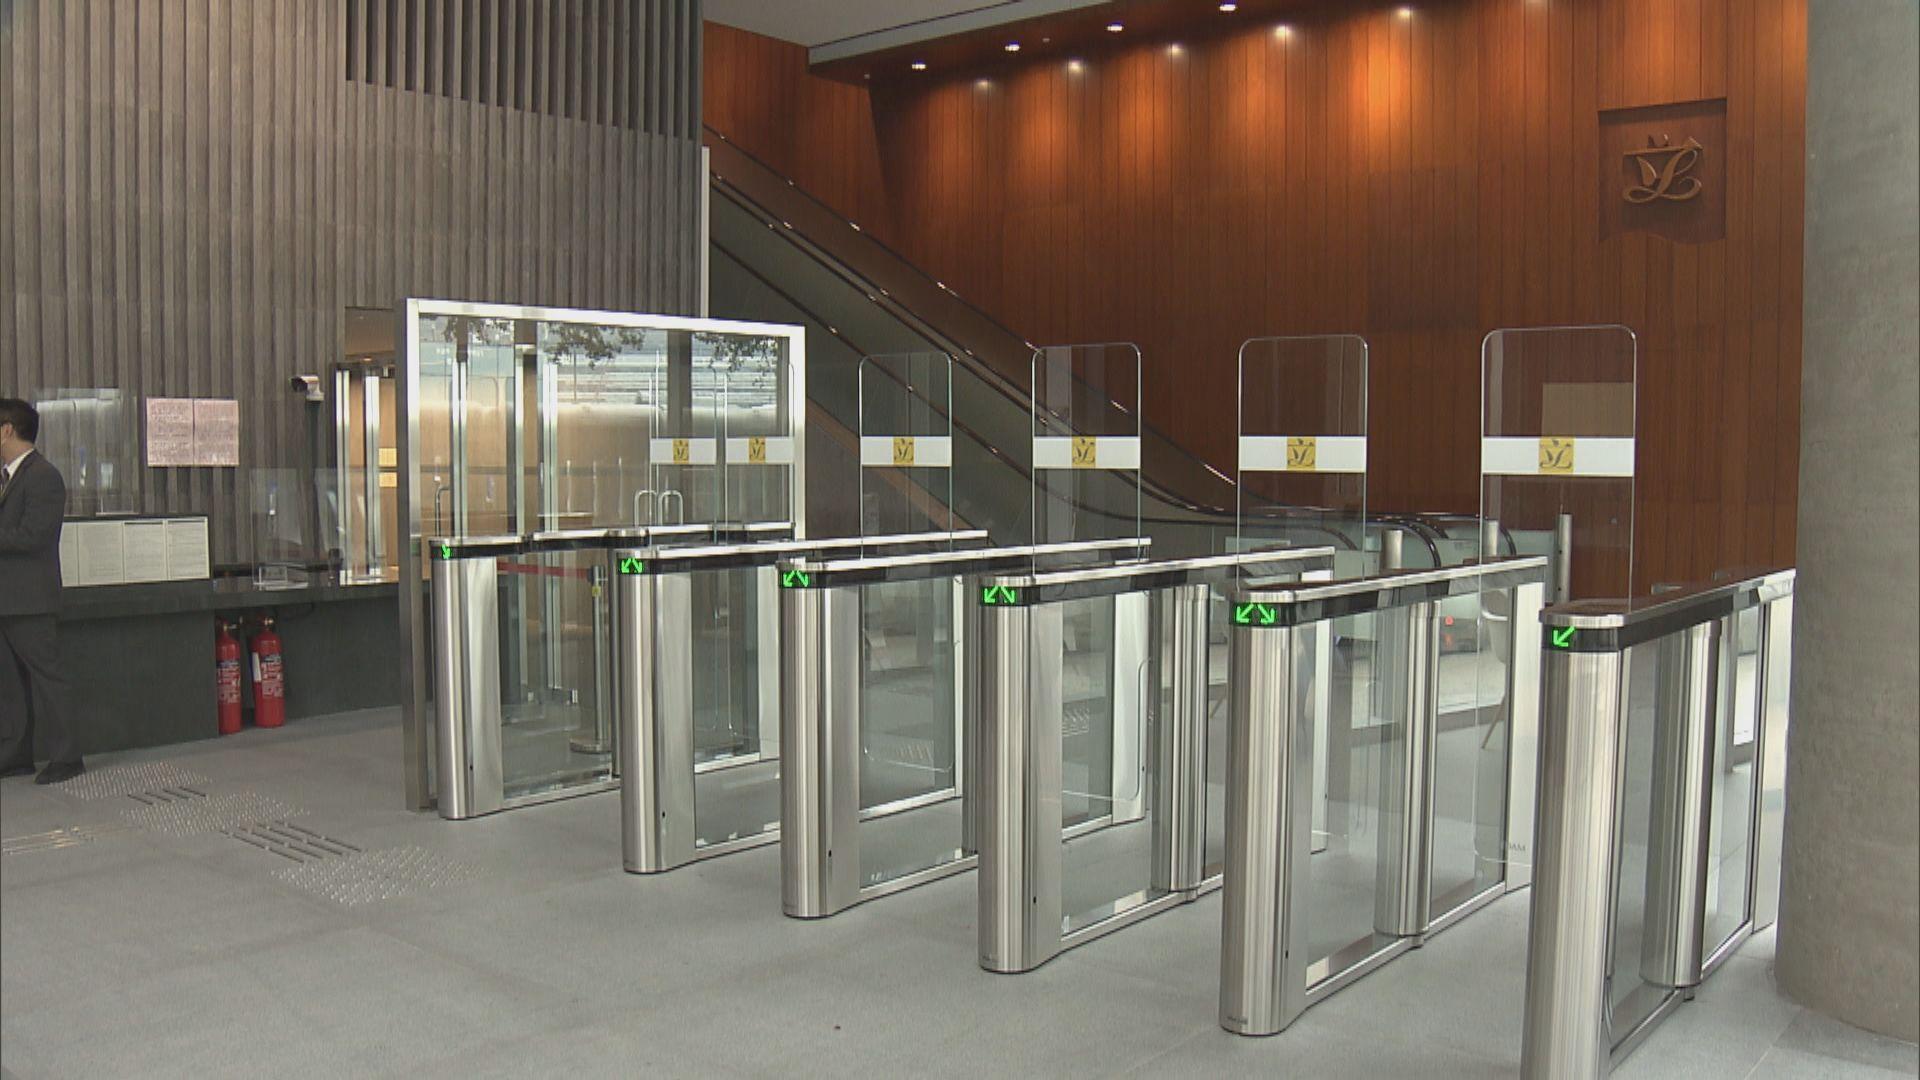 立法會大樓加強保安 加裝多部入閘機及圍欄